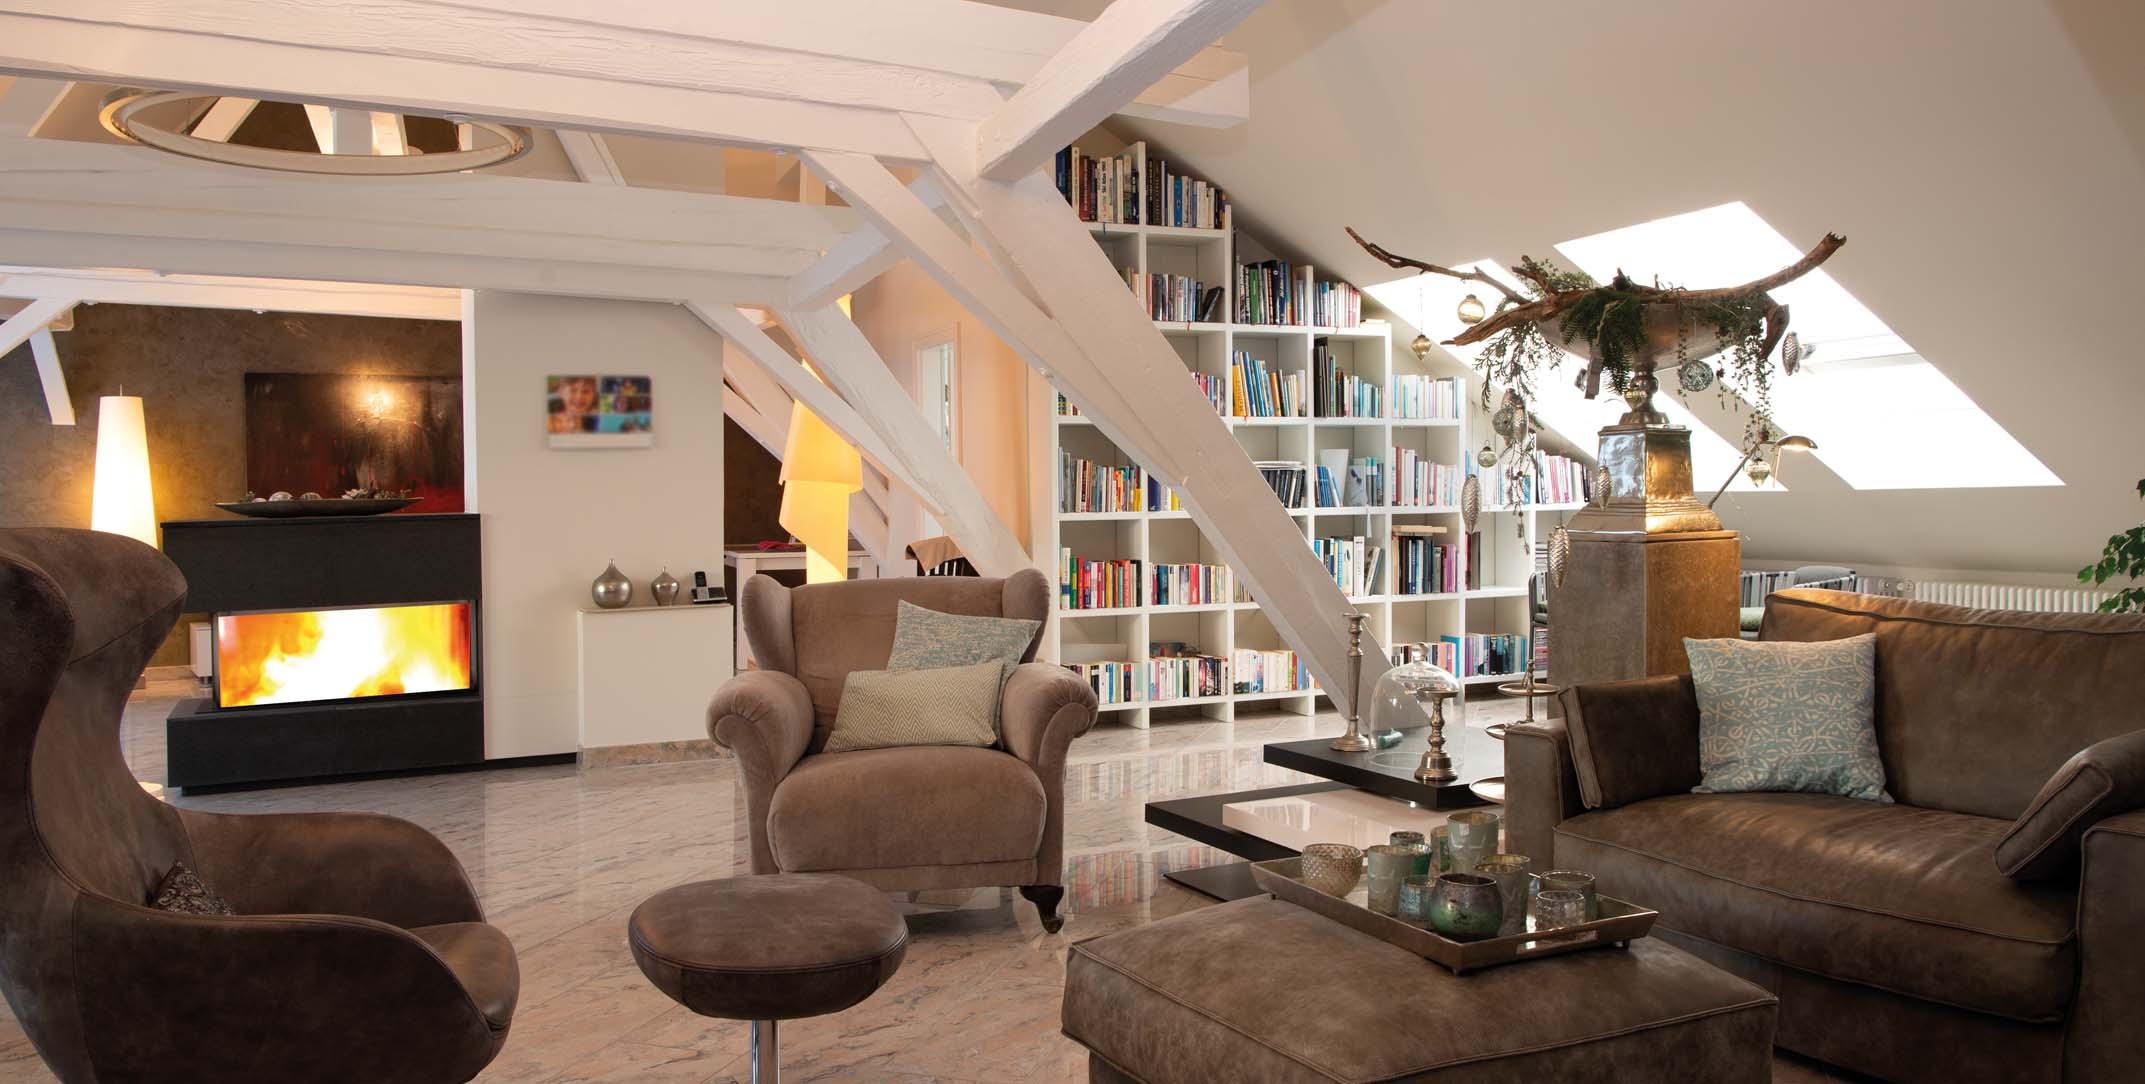 Beppelr Design Landau Nussdorf